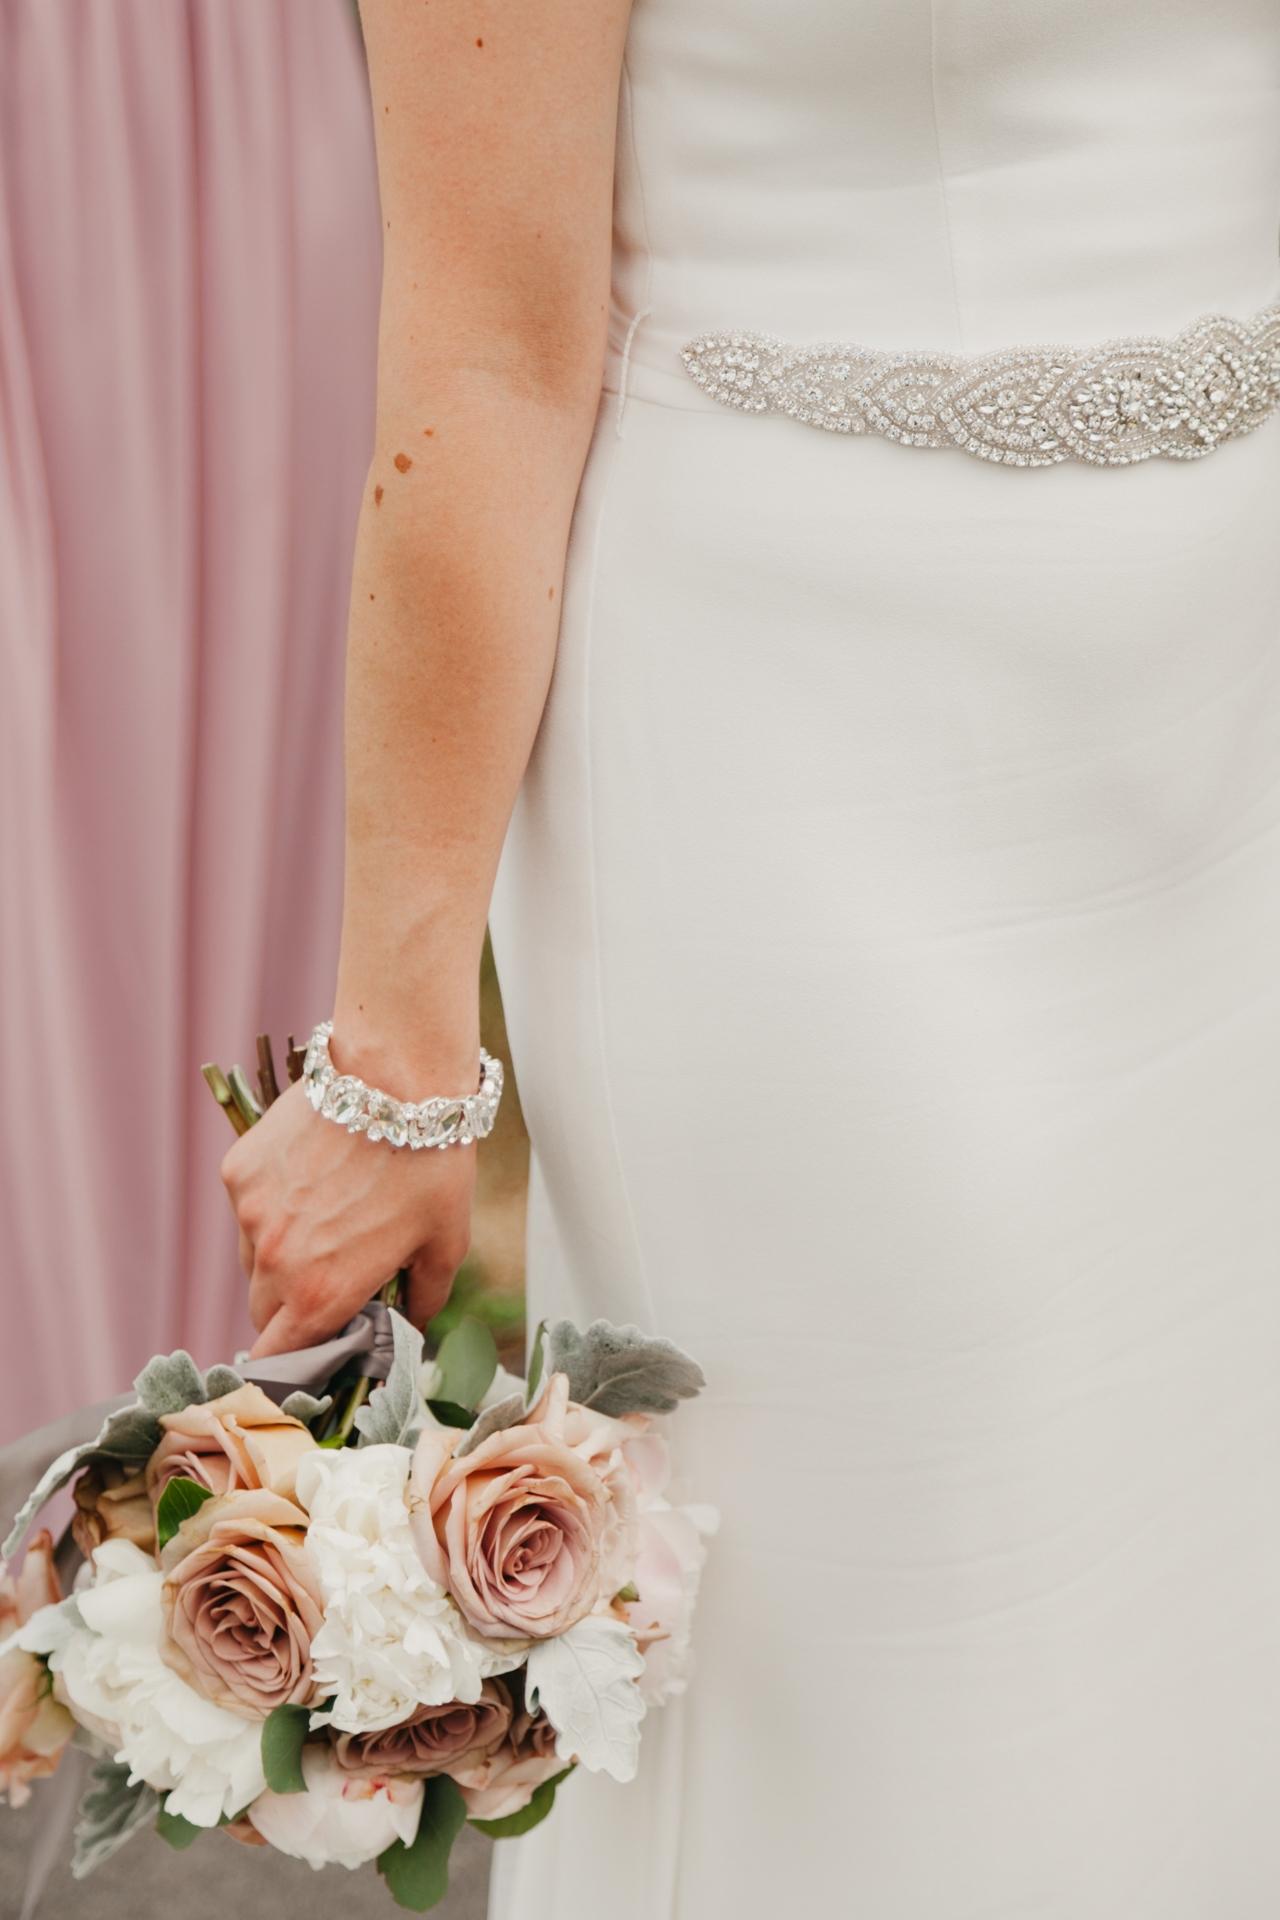 brides dress and bouquet details